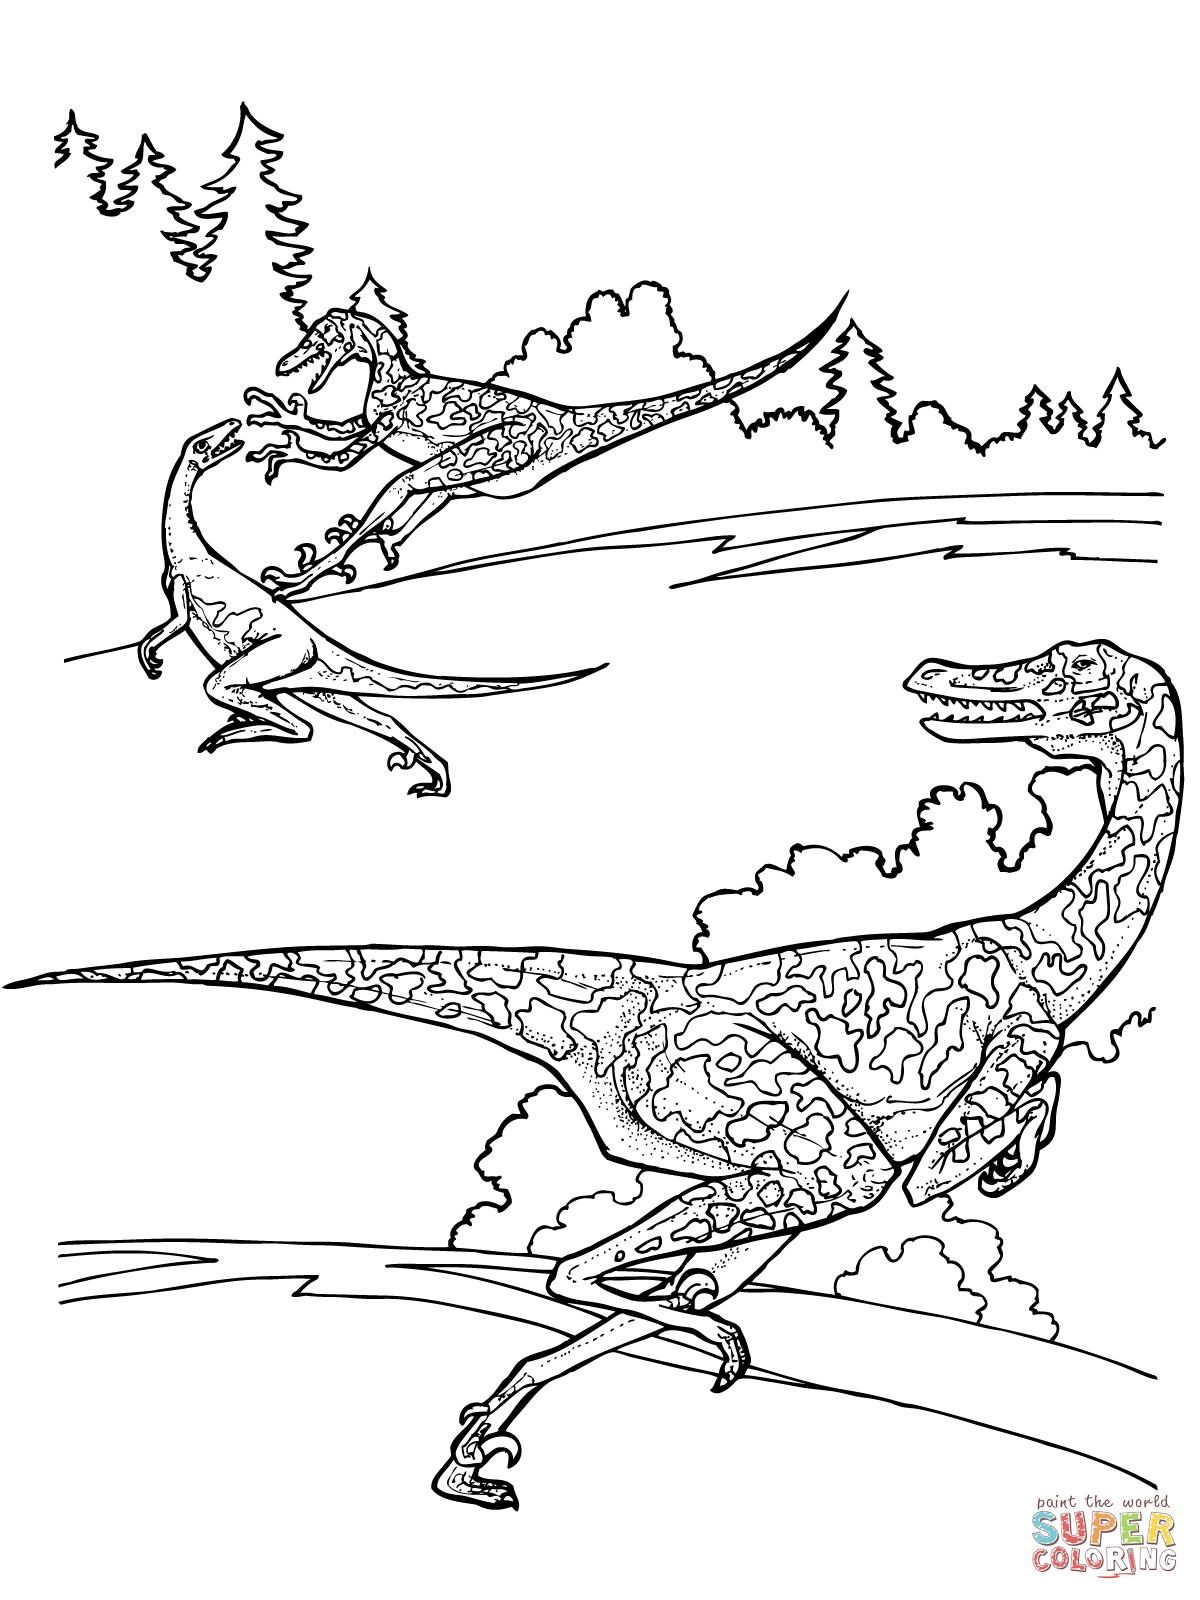 Kleurplaat Wagon Kleurplaat Dharma Wiel Afb 25627 Images destiné Coloriage Dinosaure Raptor